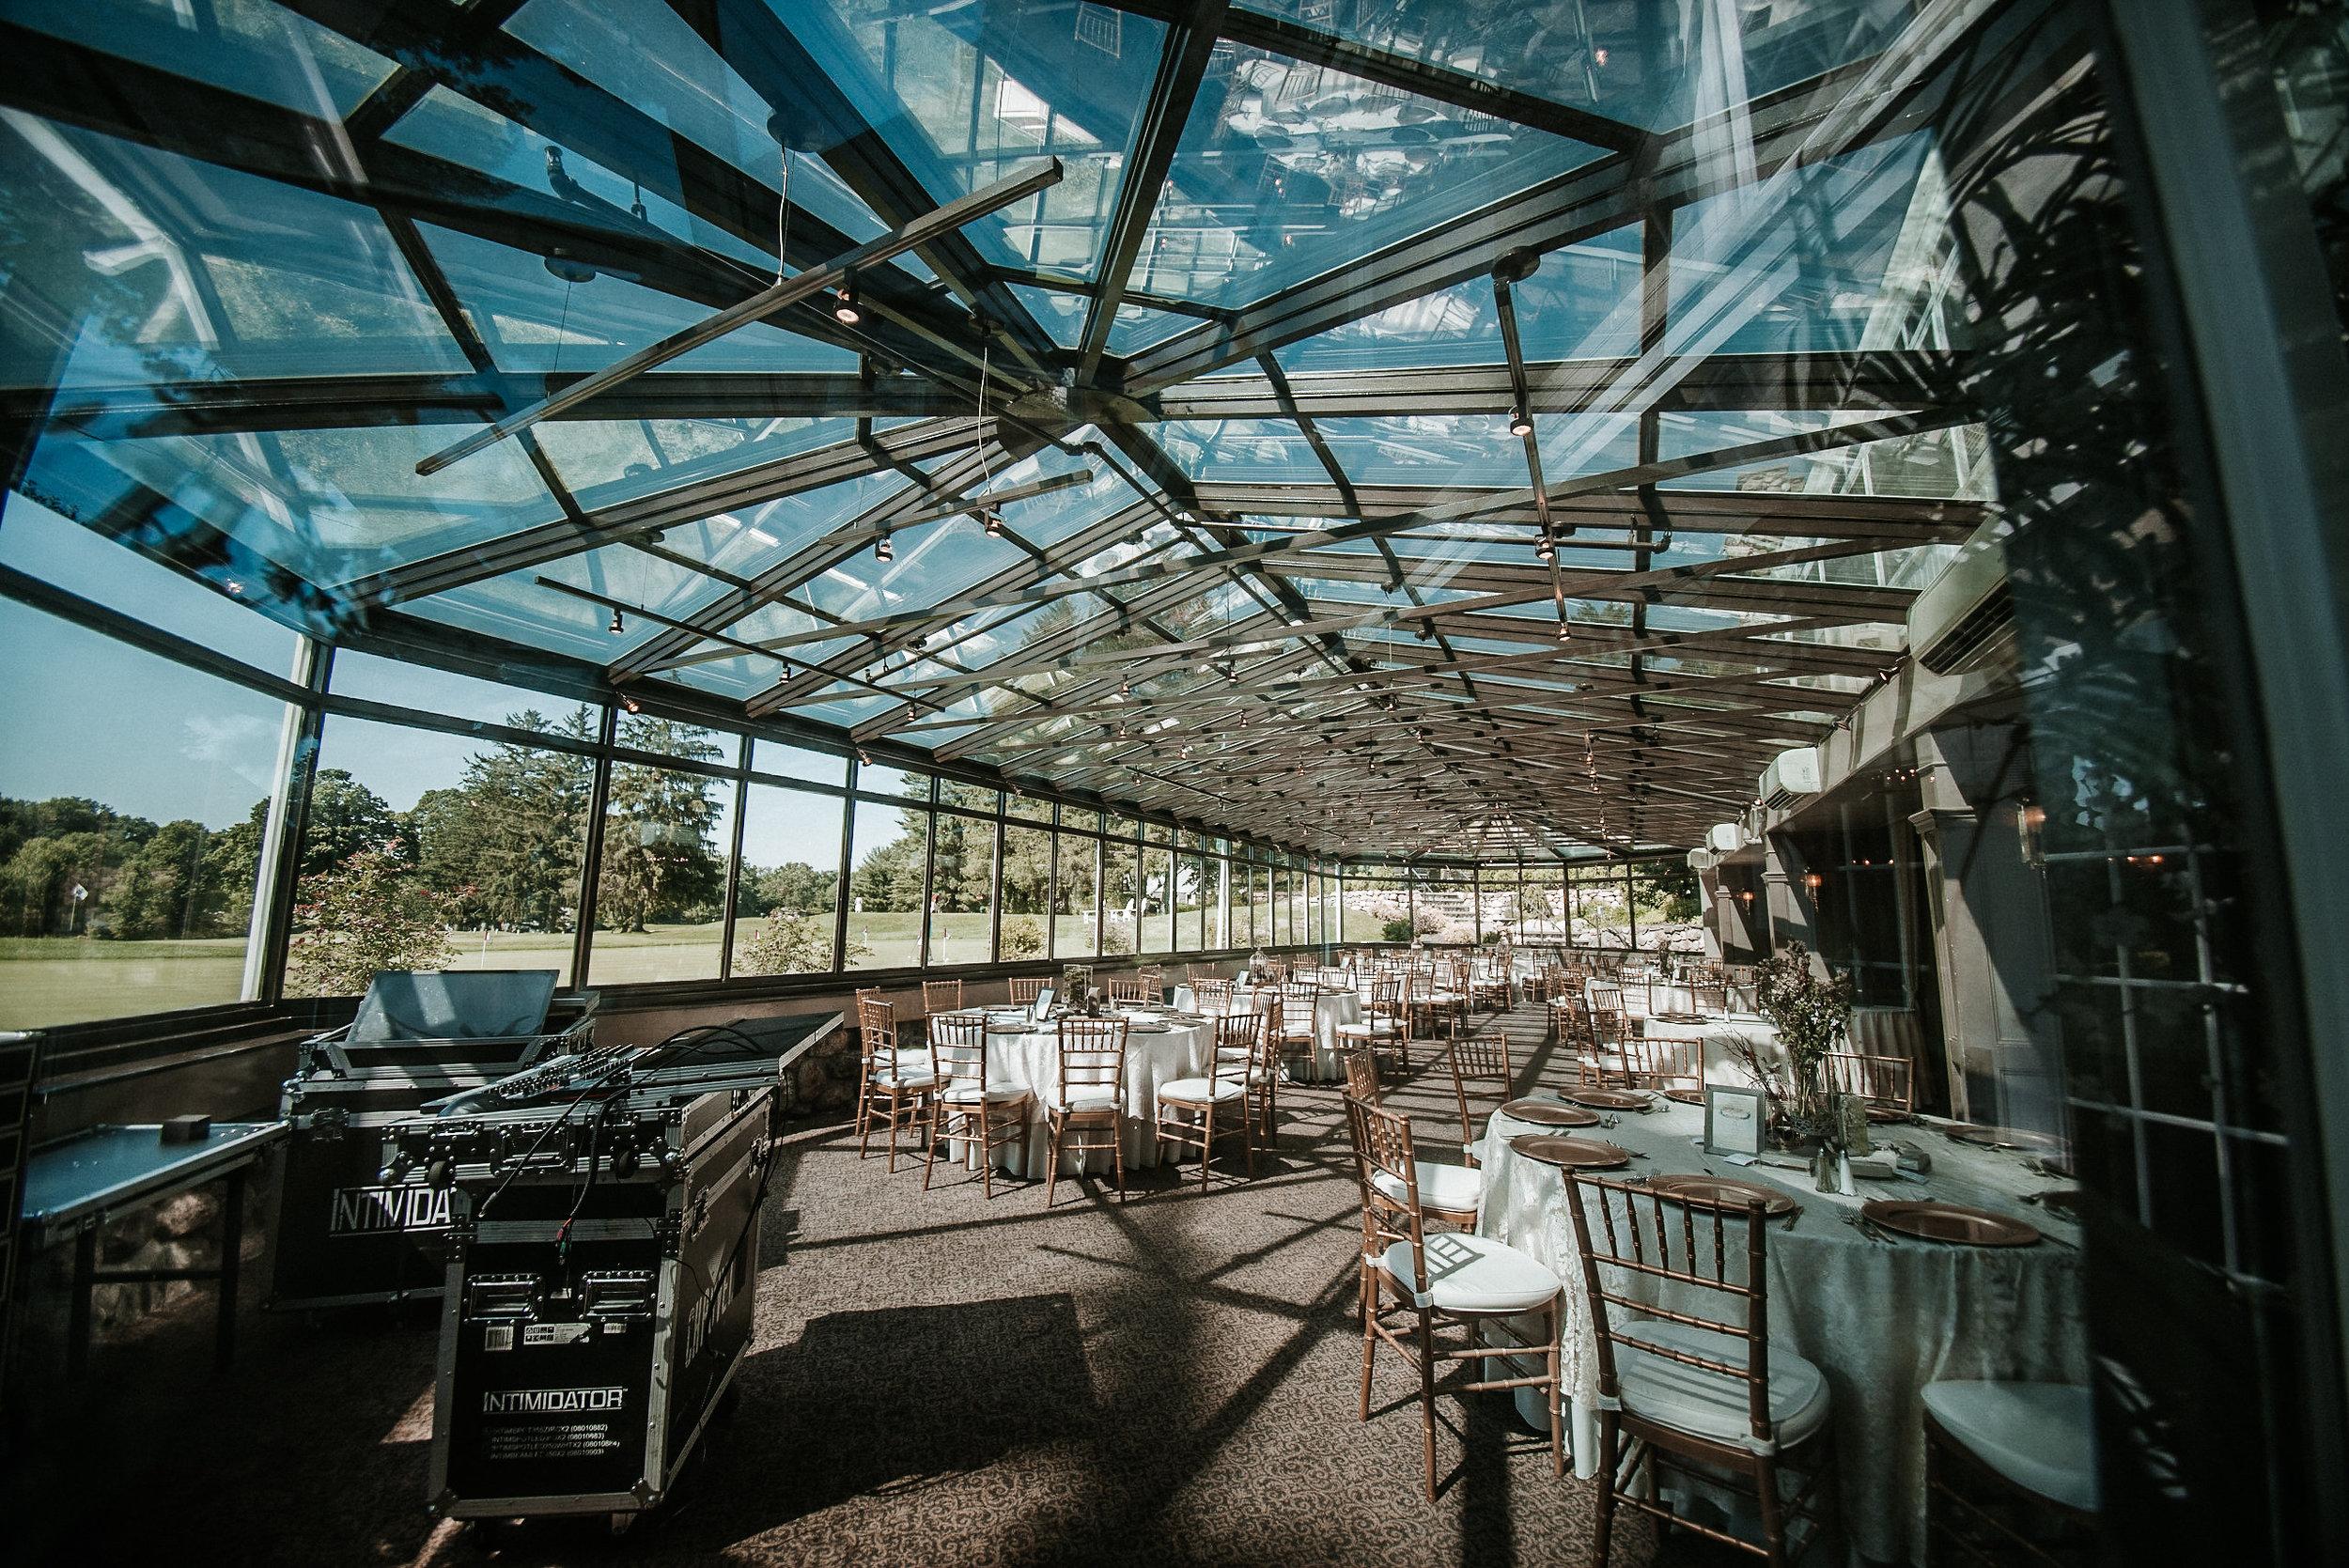 Glass atrium at country club